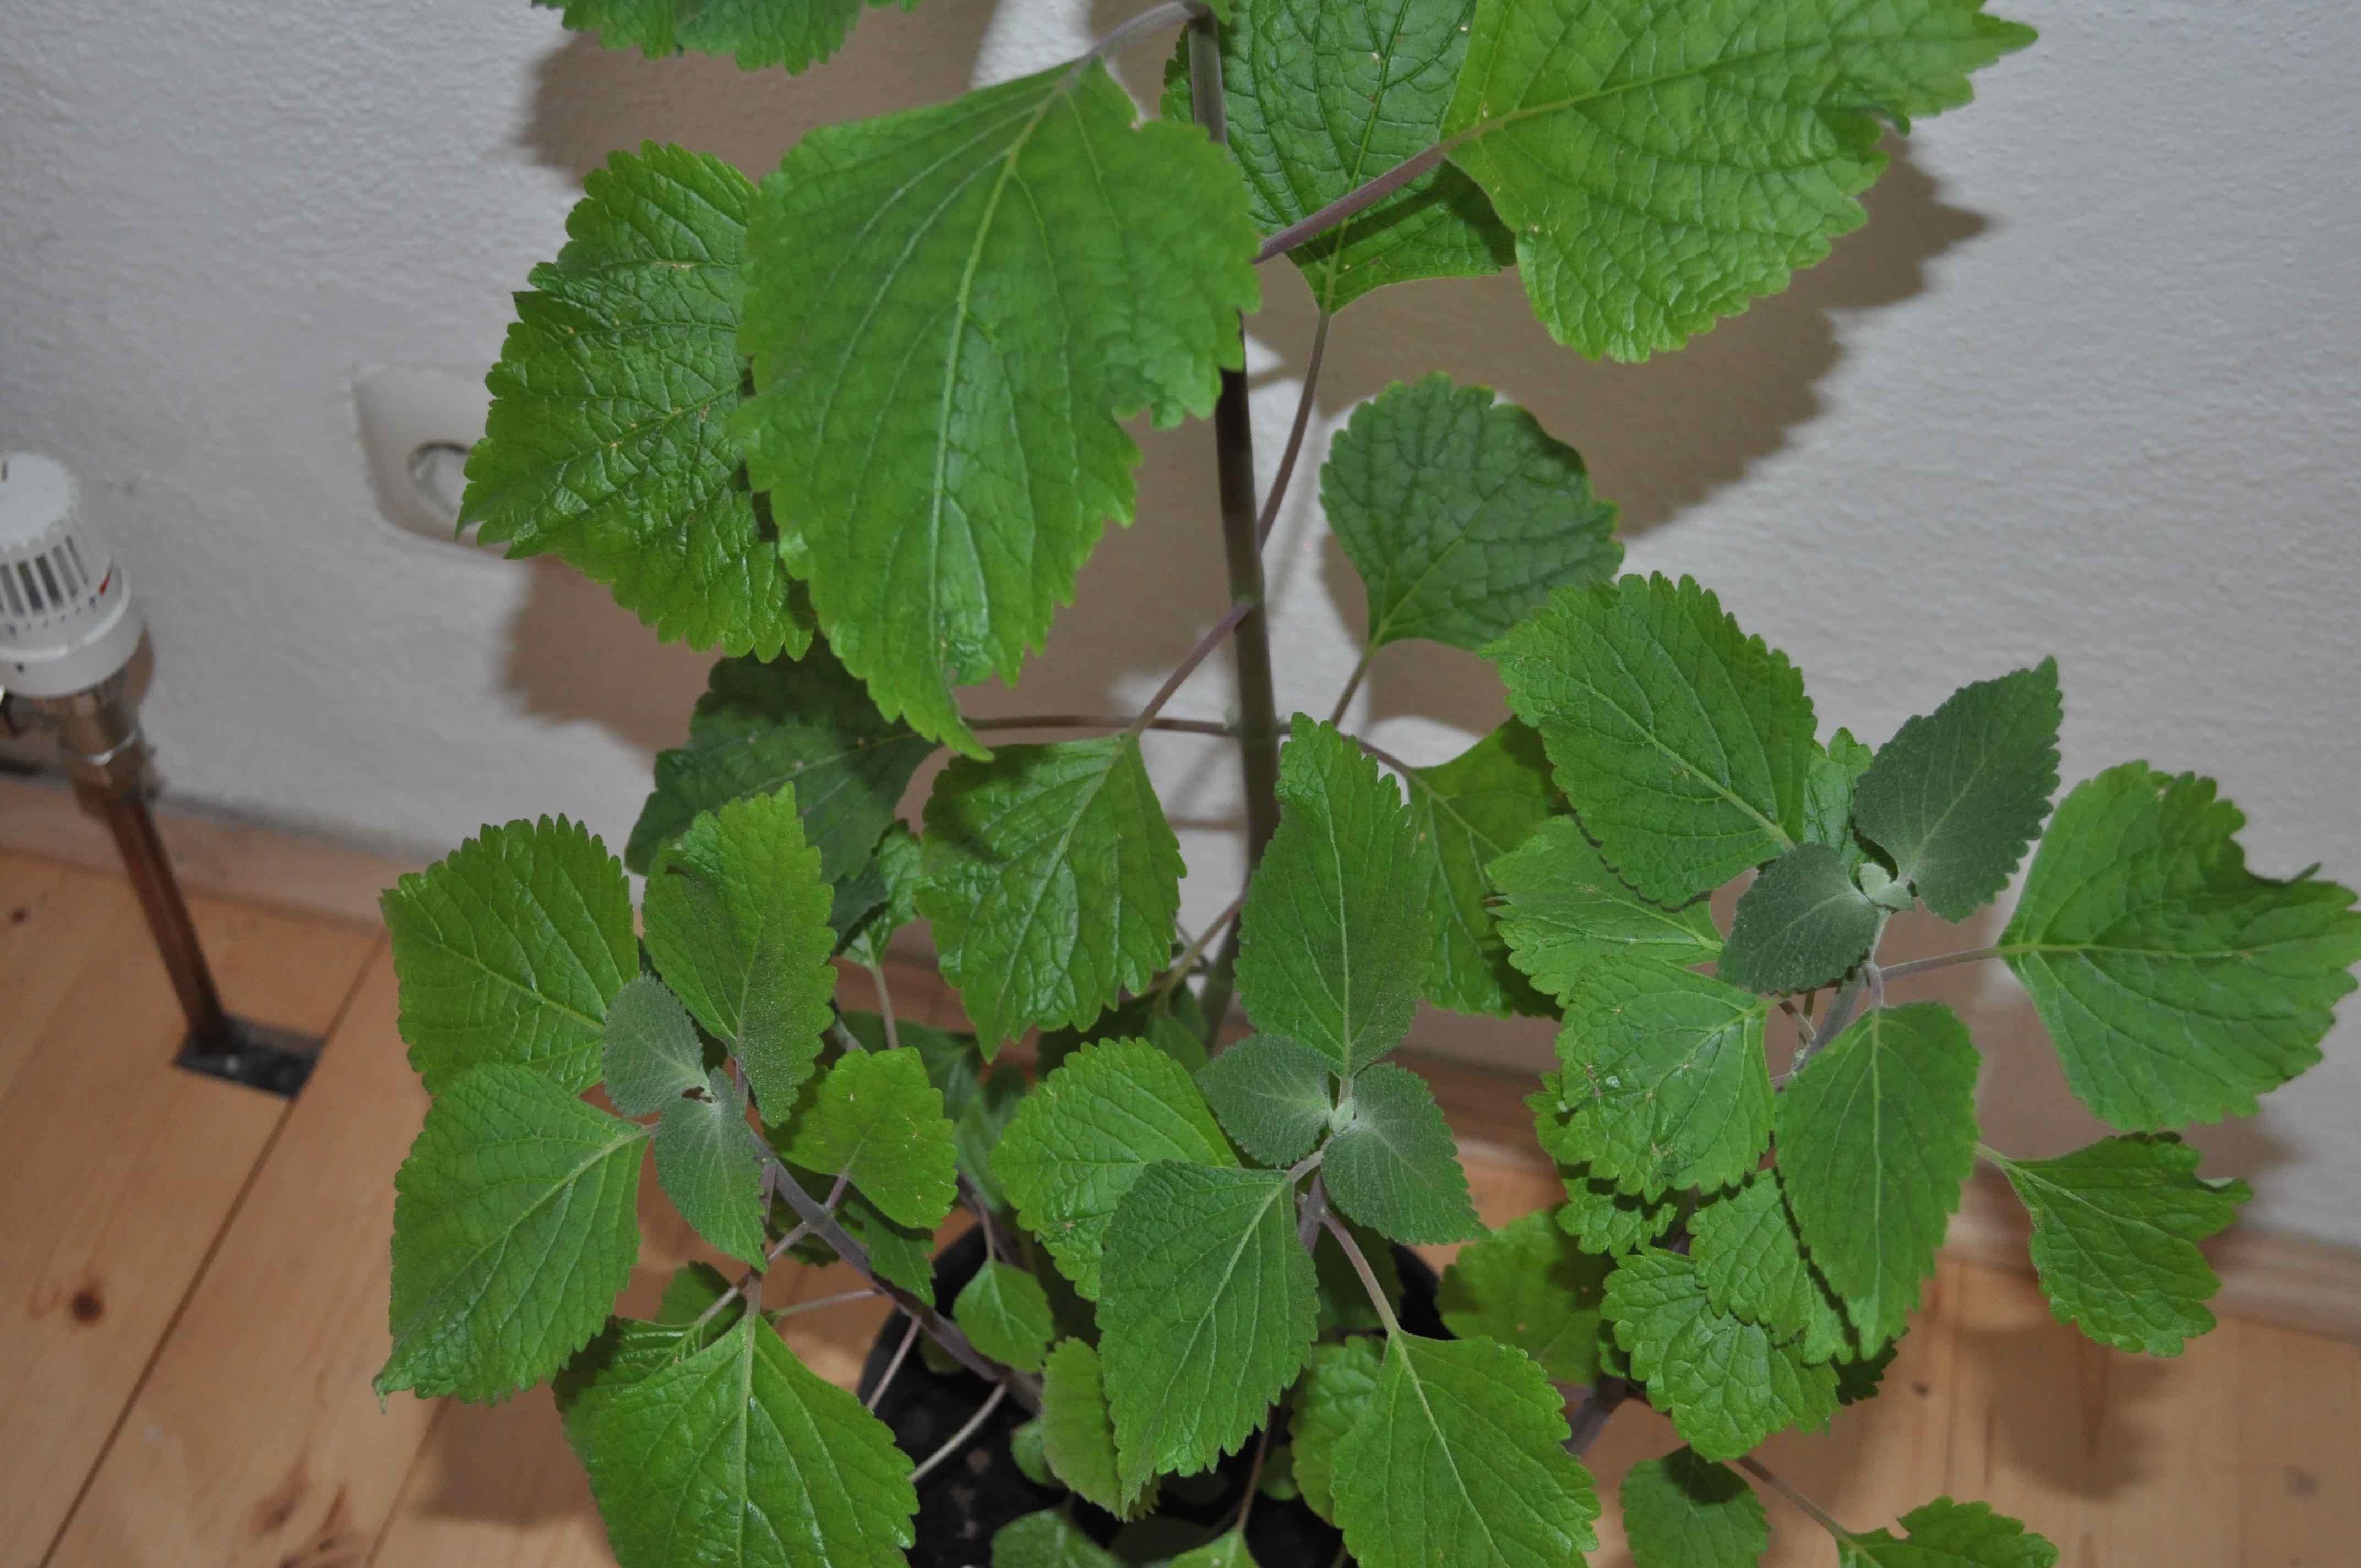 Bestimmung dieser linde plectranthus fruticosus pflanzenbestimmung pflanzensuche - Zimmerlinde bilder ...